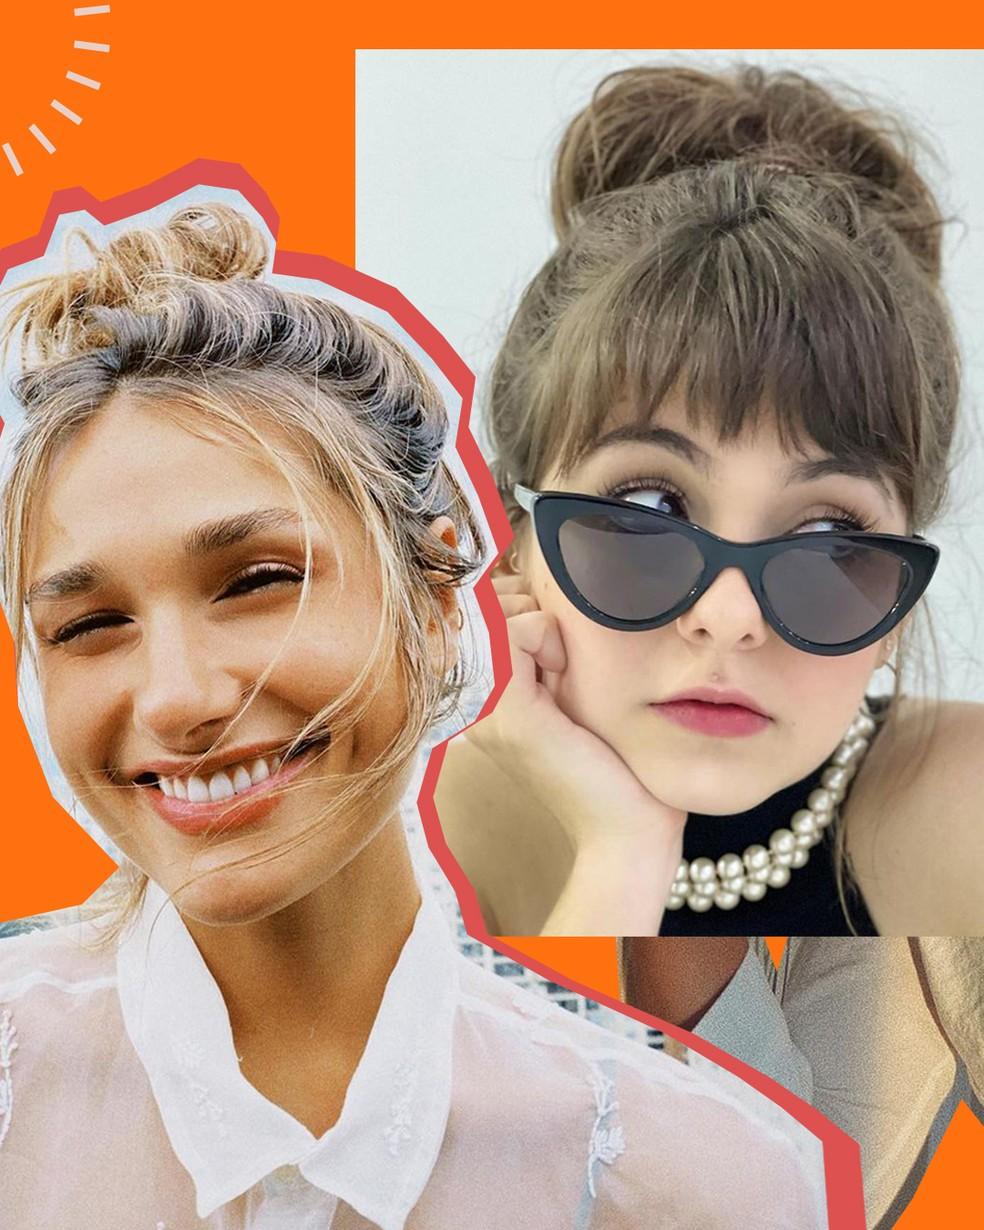 Sasha Meneghel e Klara Castanho usam coque como penteado no verão — Foto: @PraVcArrasar